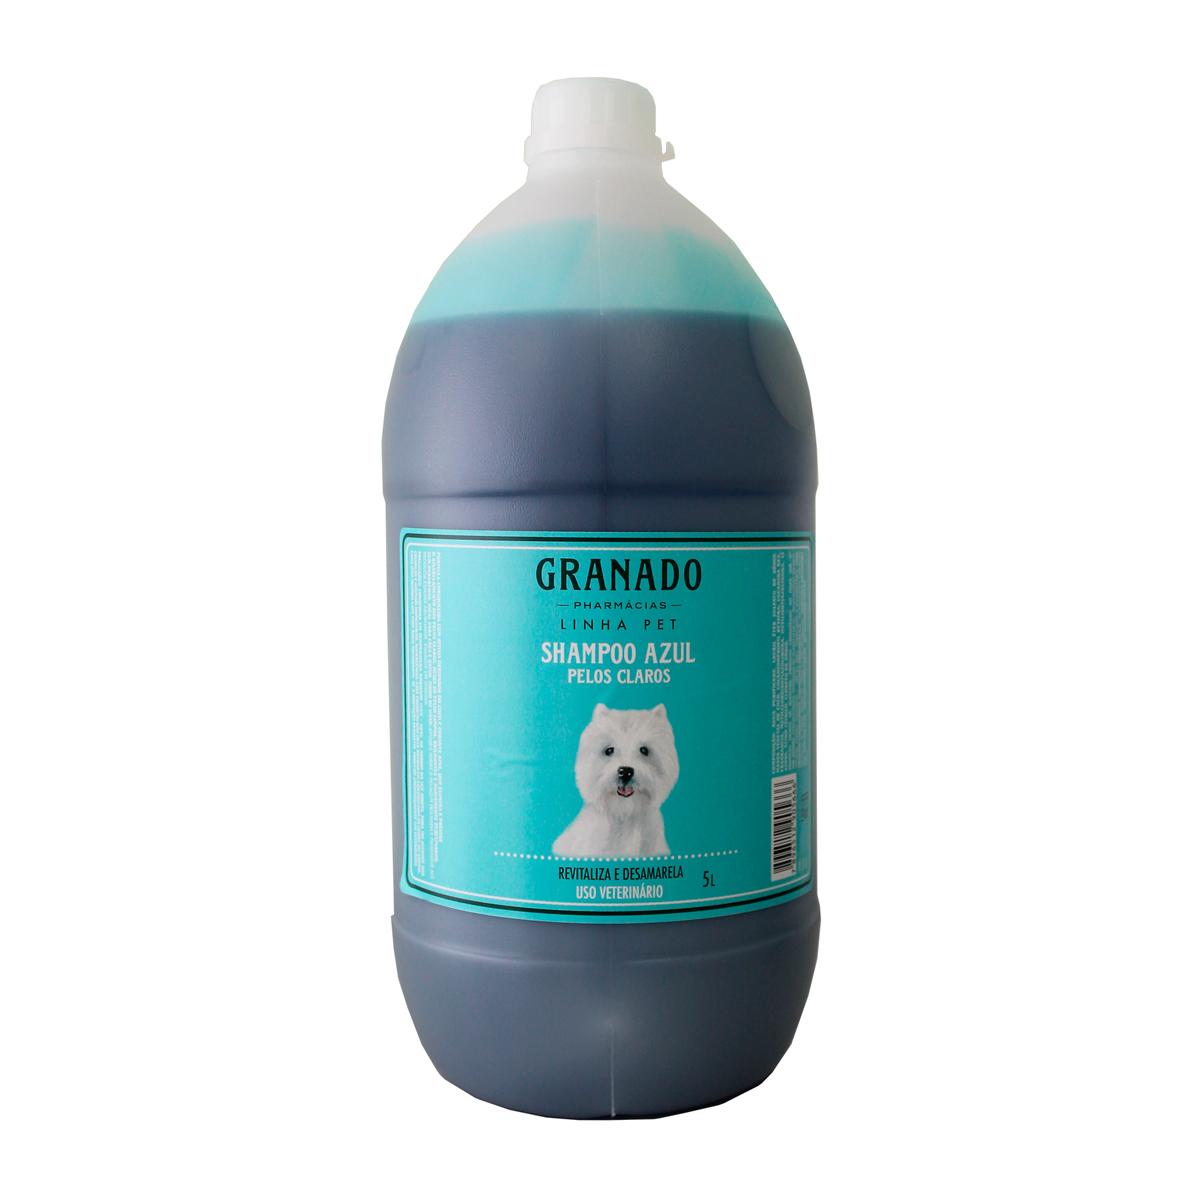 Shampoo Azul Pelos Claros 5L Granado